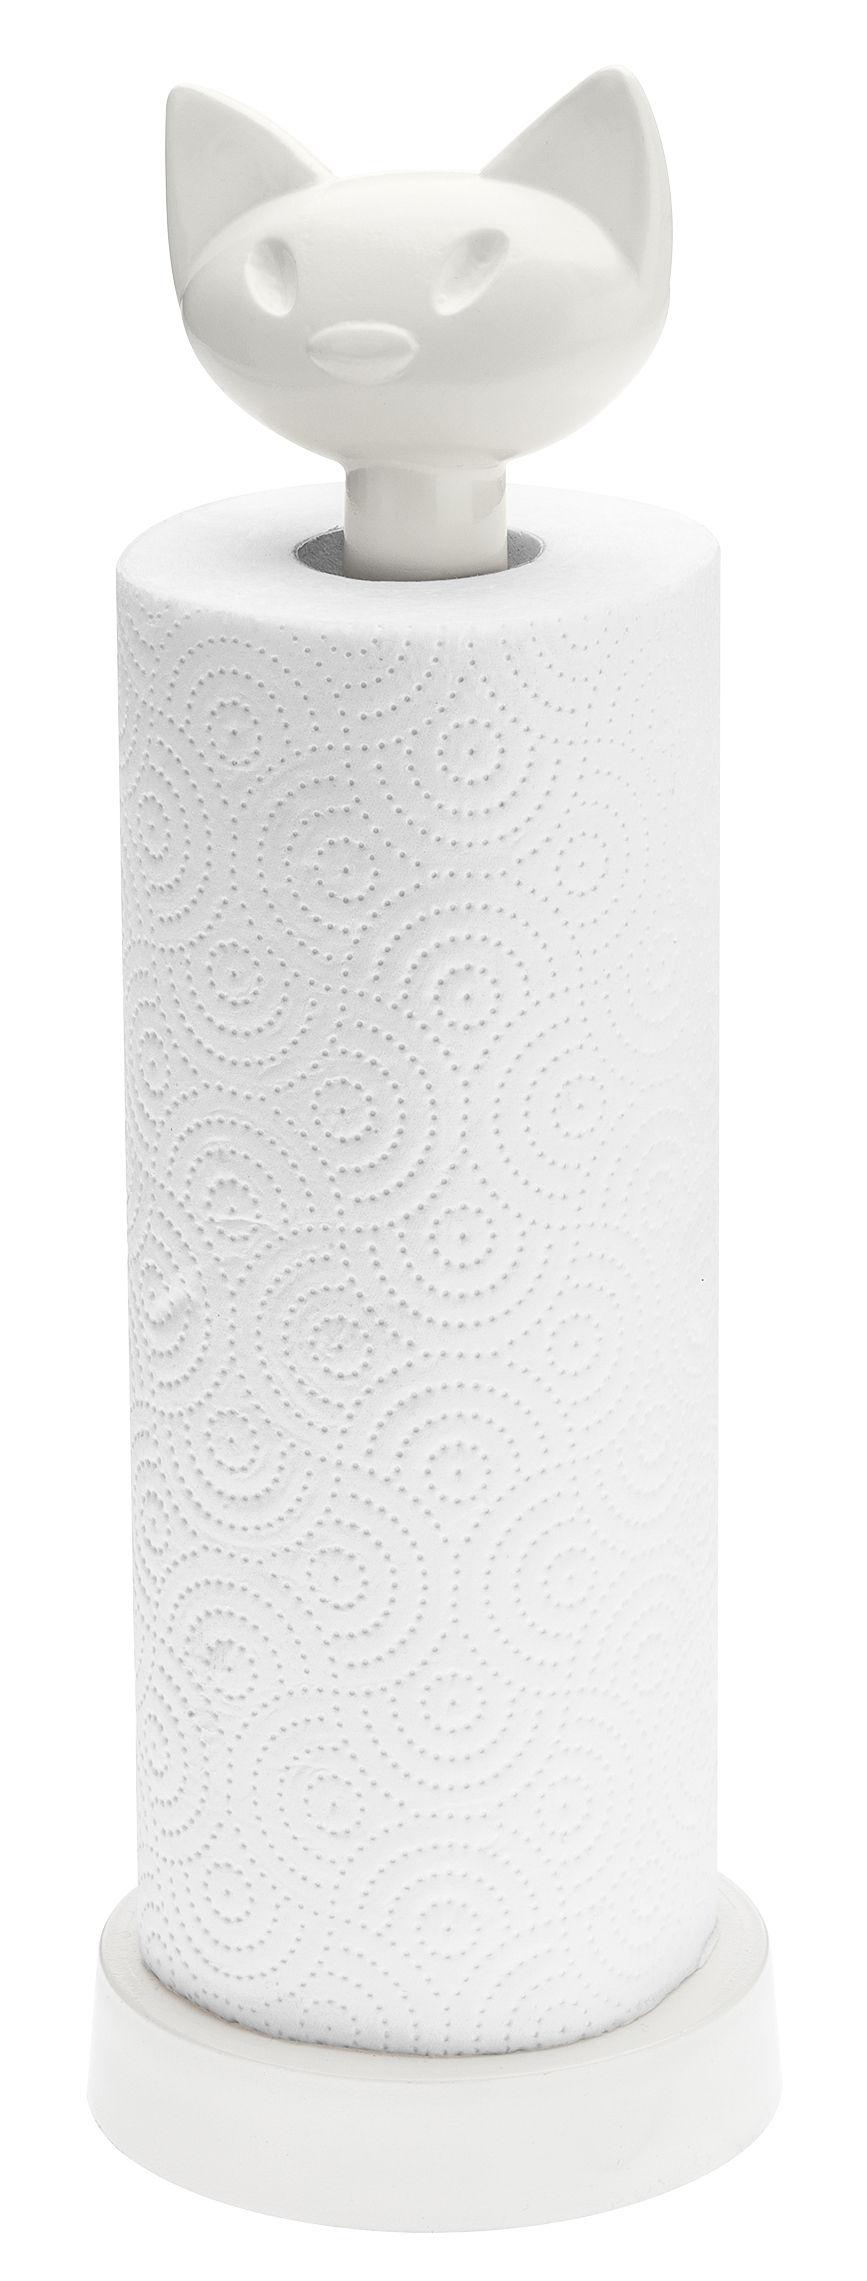 Arts de la table - Accessoires - Porte-rouleau essuie-tout Miaou - Koziol - Blanc opaque - Plastique